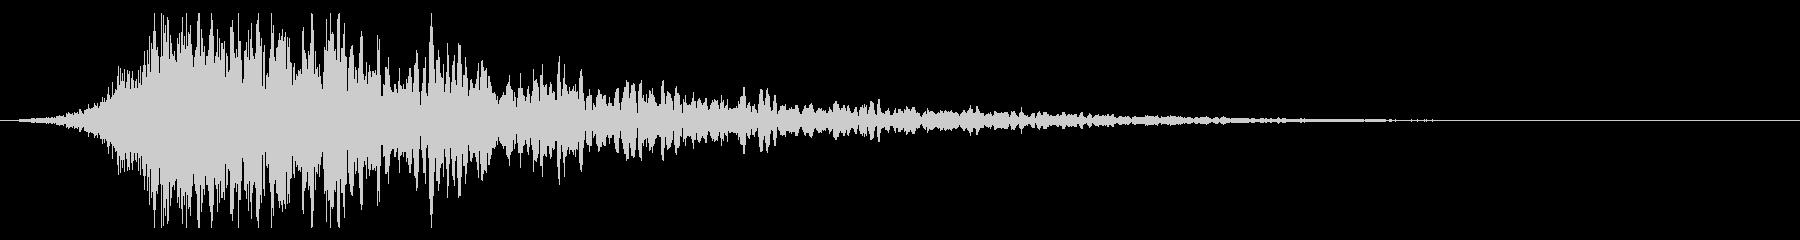 シュードーン-49-1(インパクト音)の未再生の波形